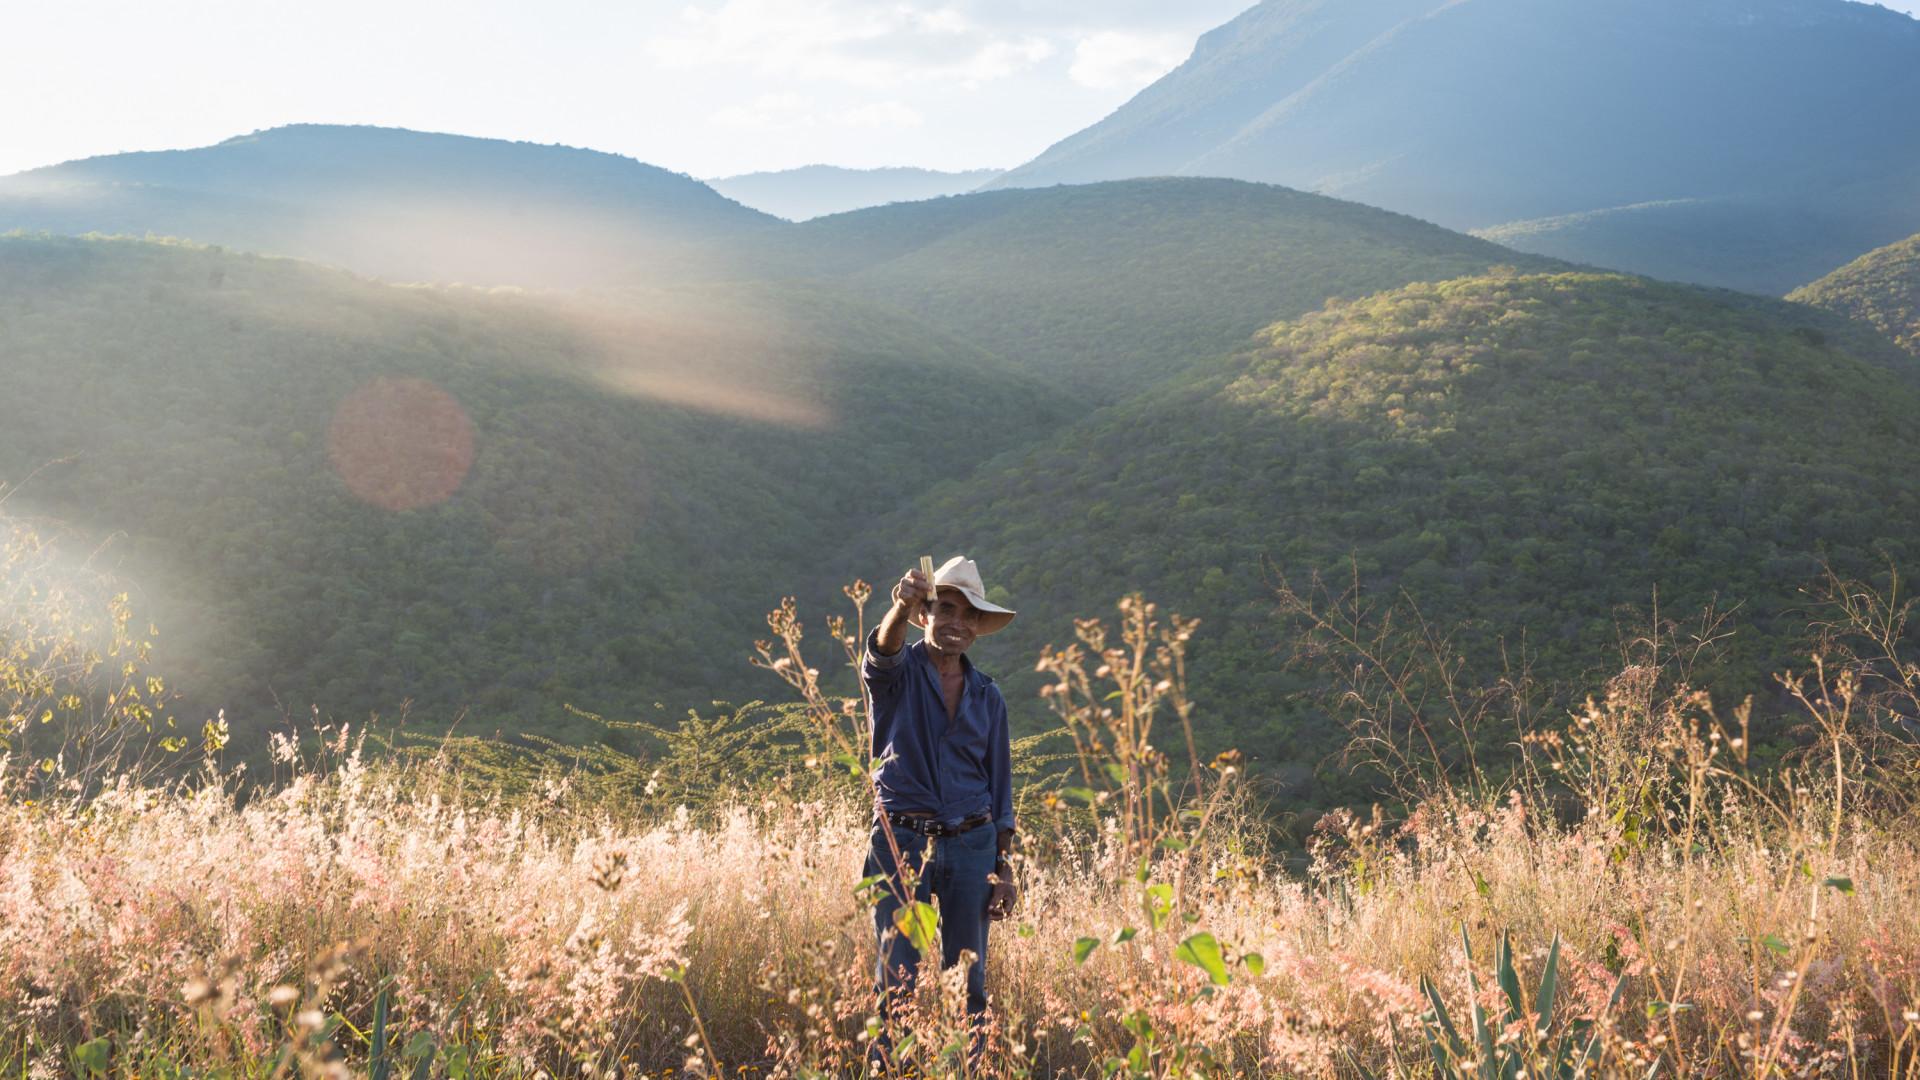 A mezcalero in the fields outside Oaxaca